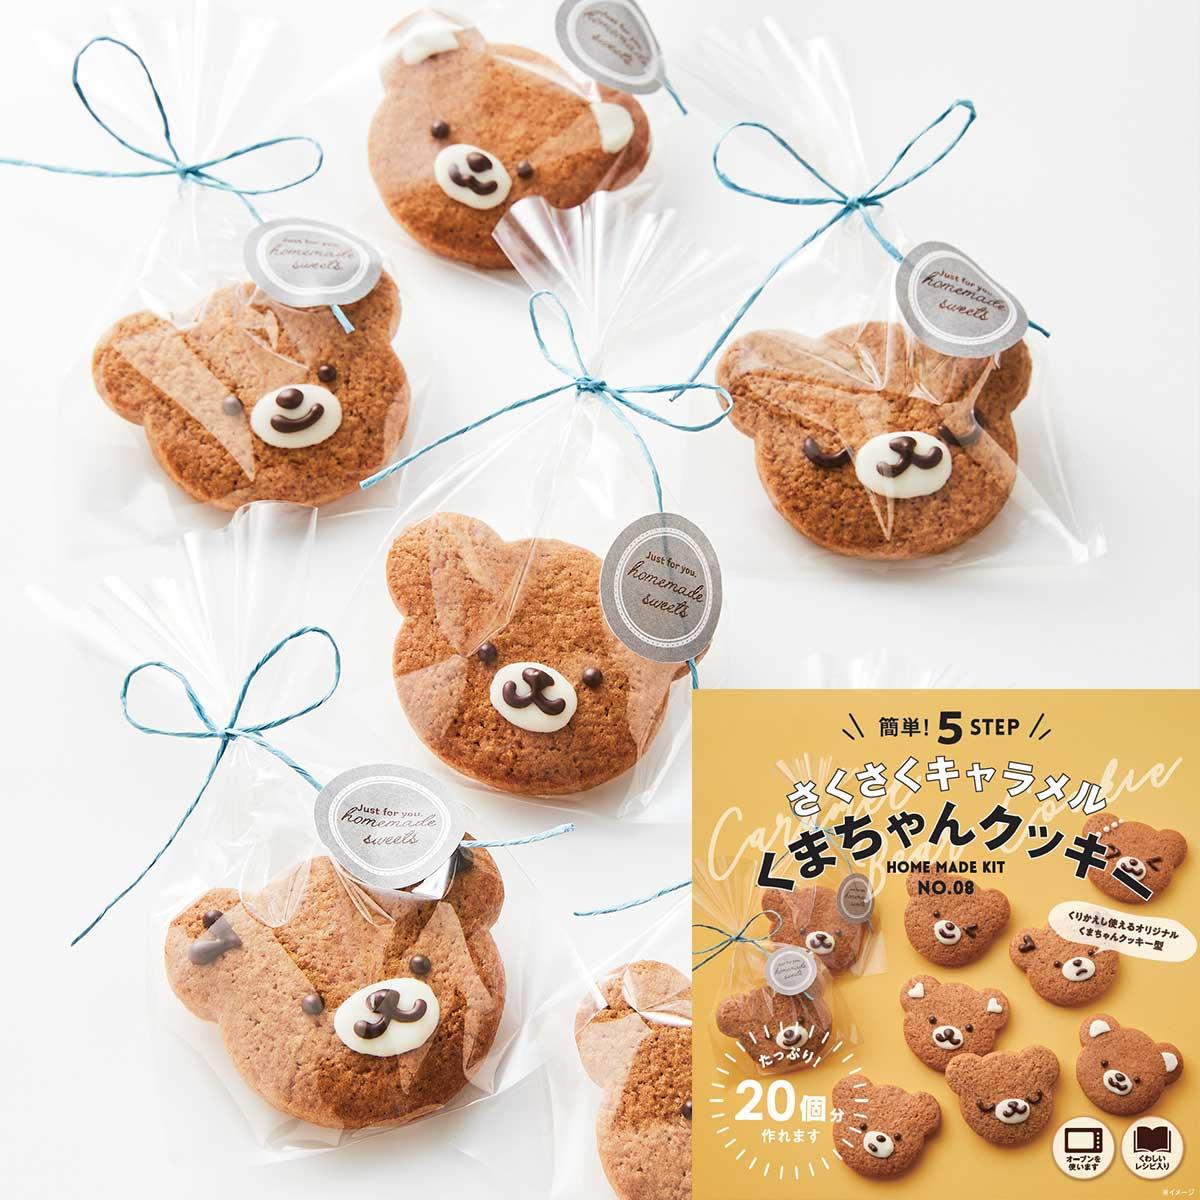 30個作れる手作りキット 仲良しくまちゃんクッキー ラッピング付き 約4.5×6cm 60枚分 クッキー 簡単 友チョコ かわいい 可愛い 友チョコ バレンタイン 手作り 製菓 手作りキット